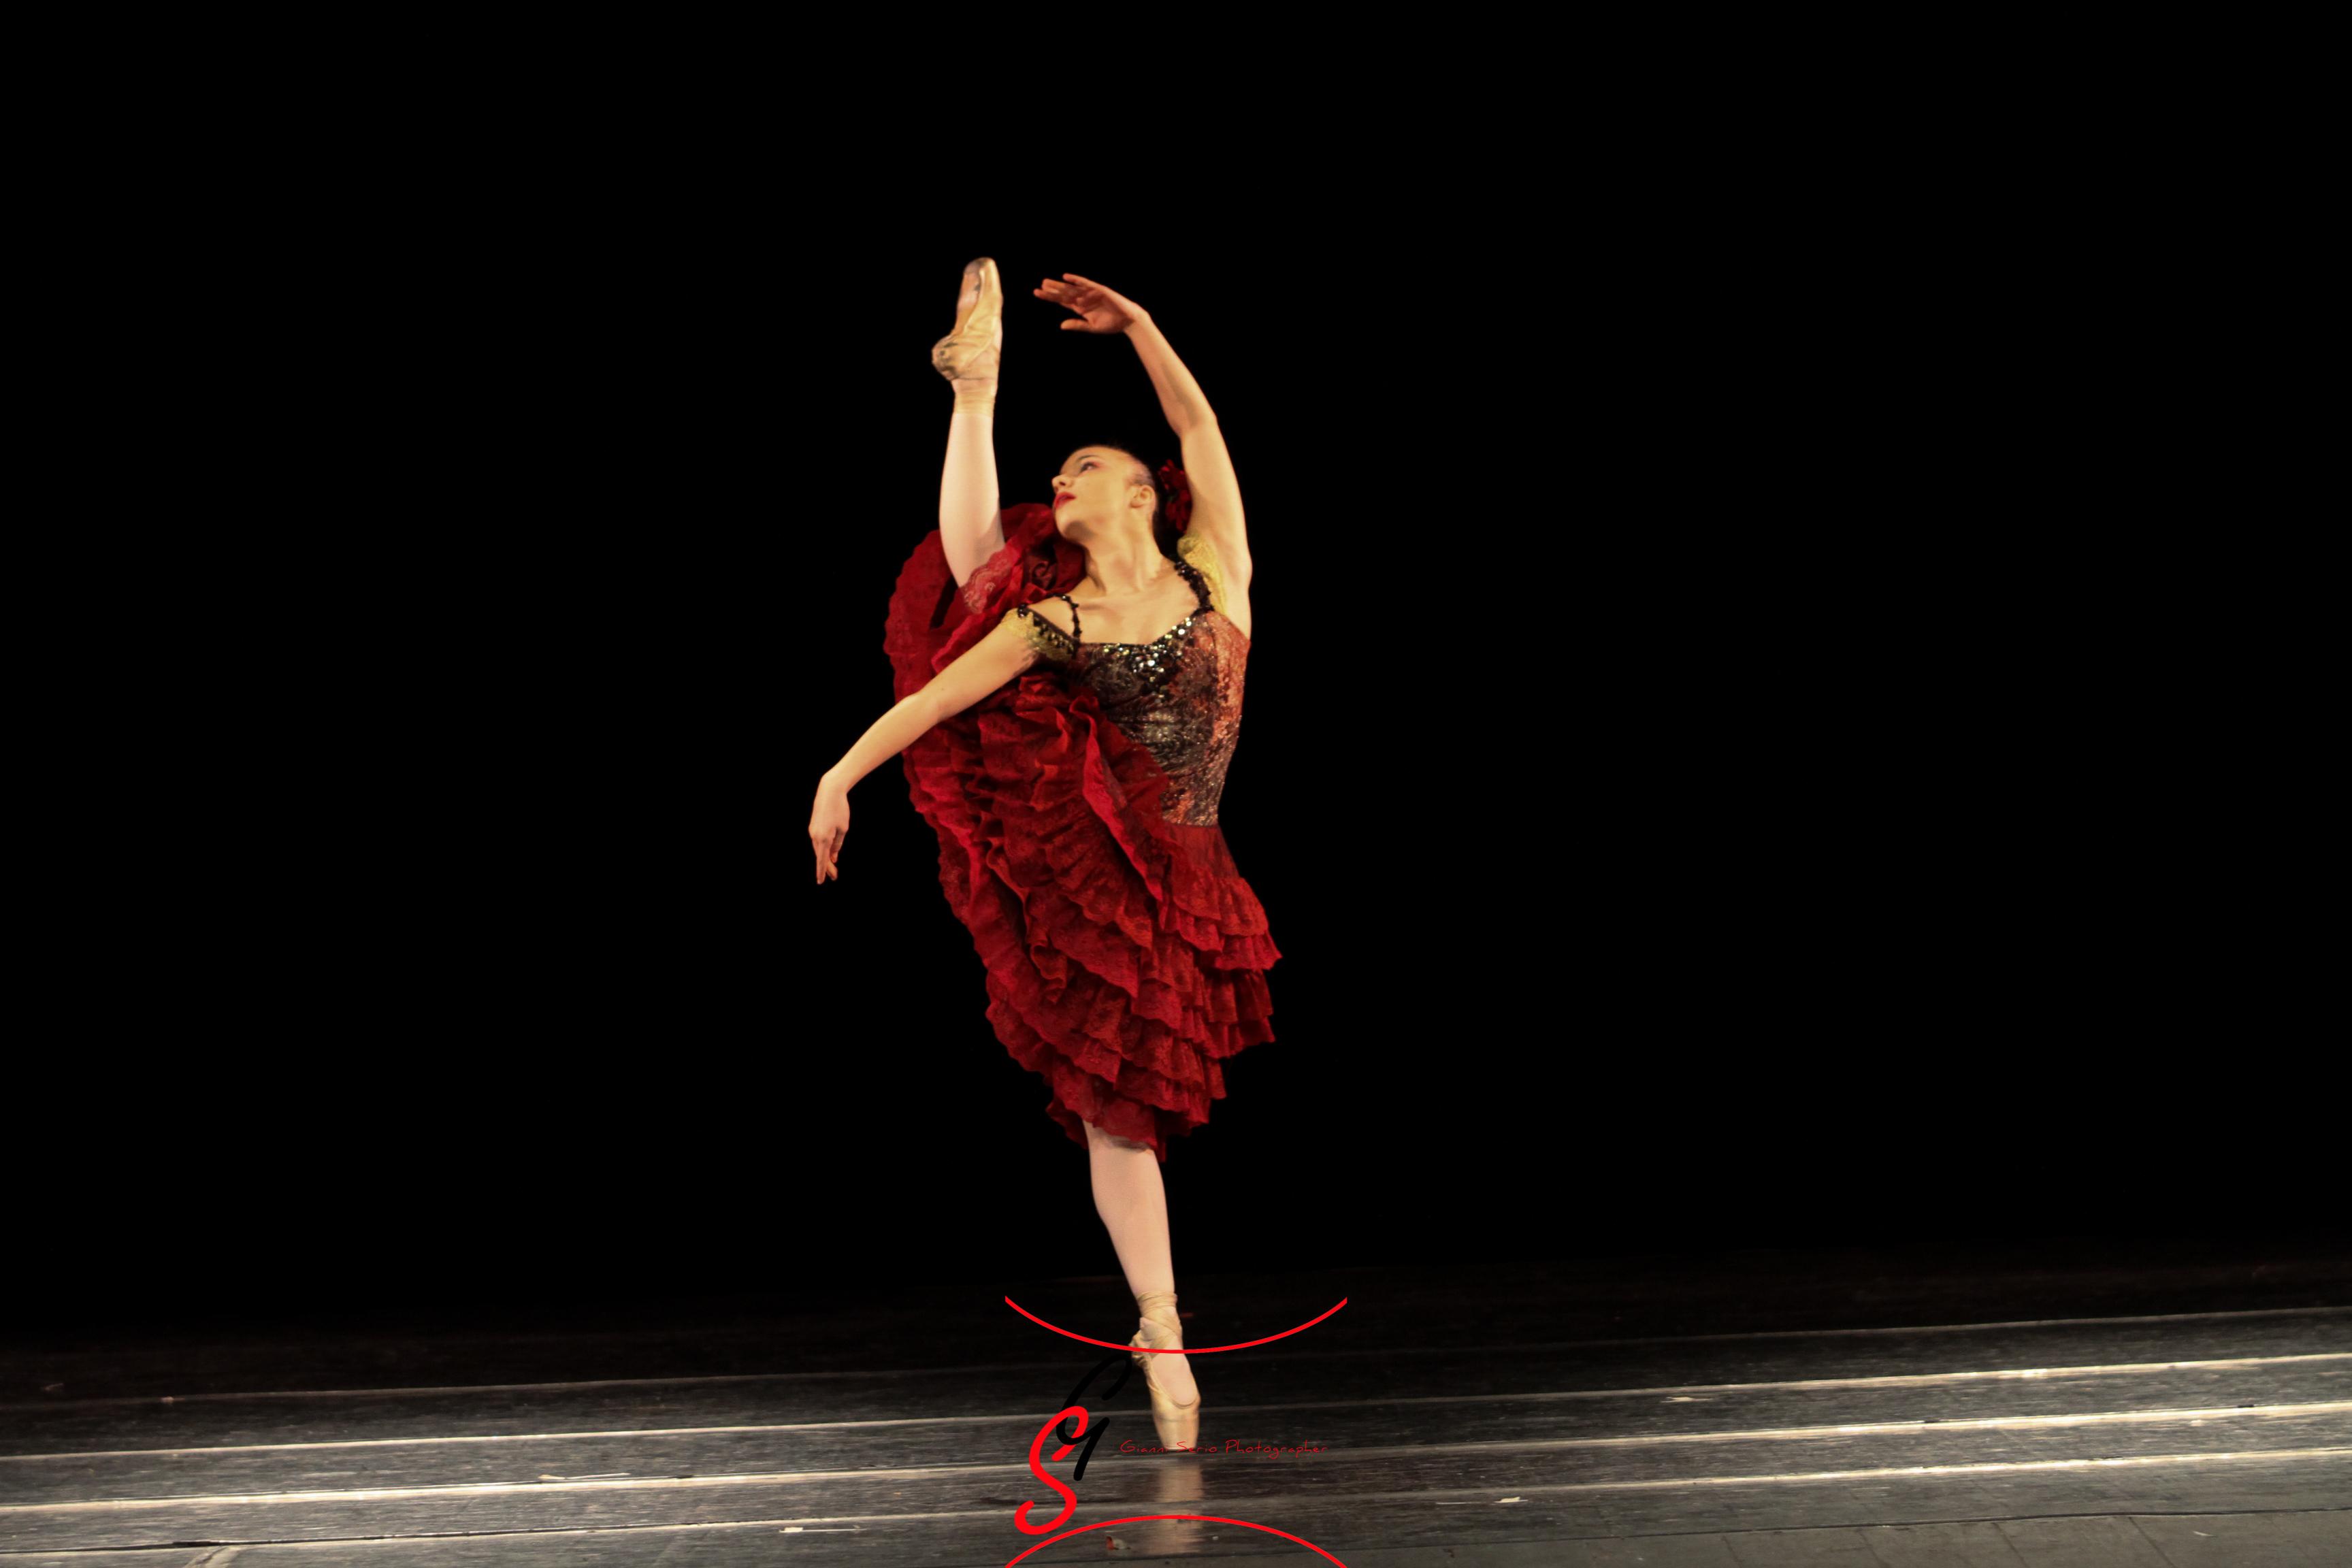 servizi fotografici per scuole di ballo